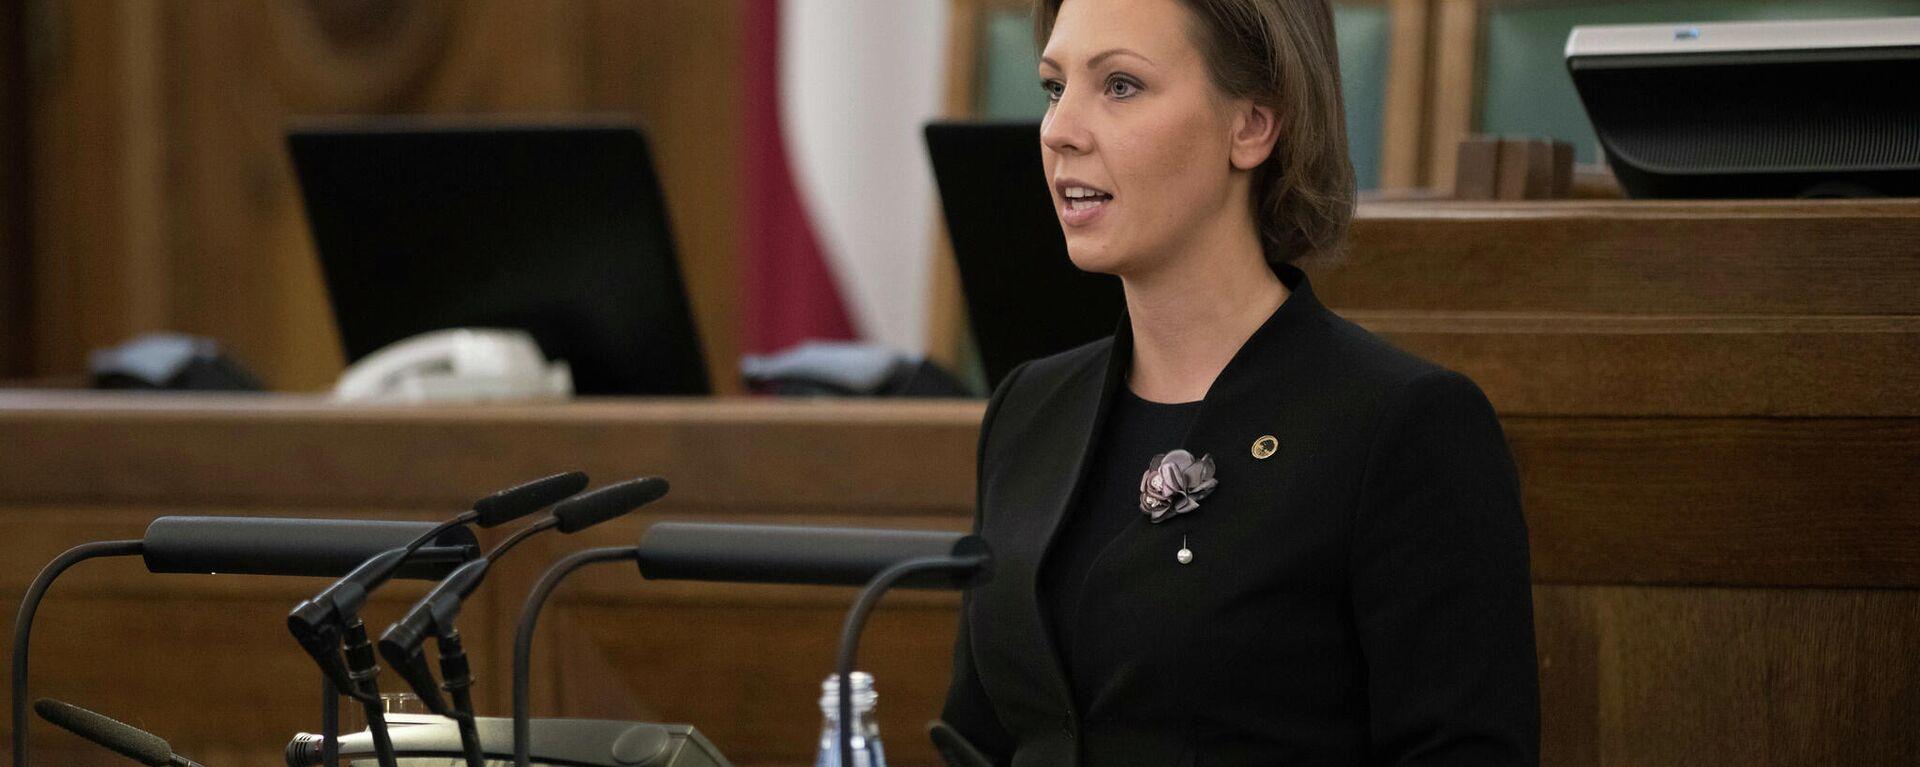 Анита Муйжниеце — министр образования Латвии - Sputnik Латвия, 1920, 03.06.2021